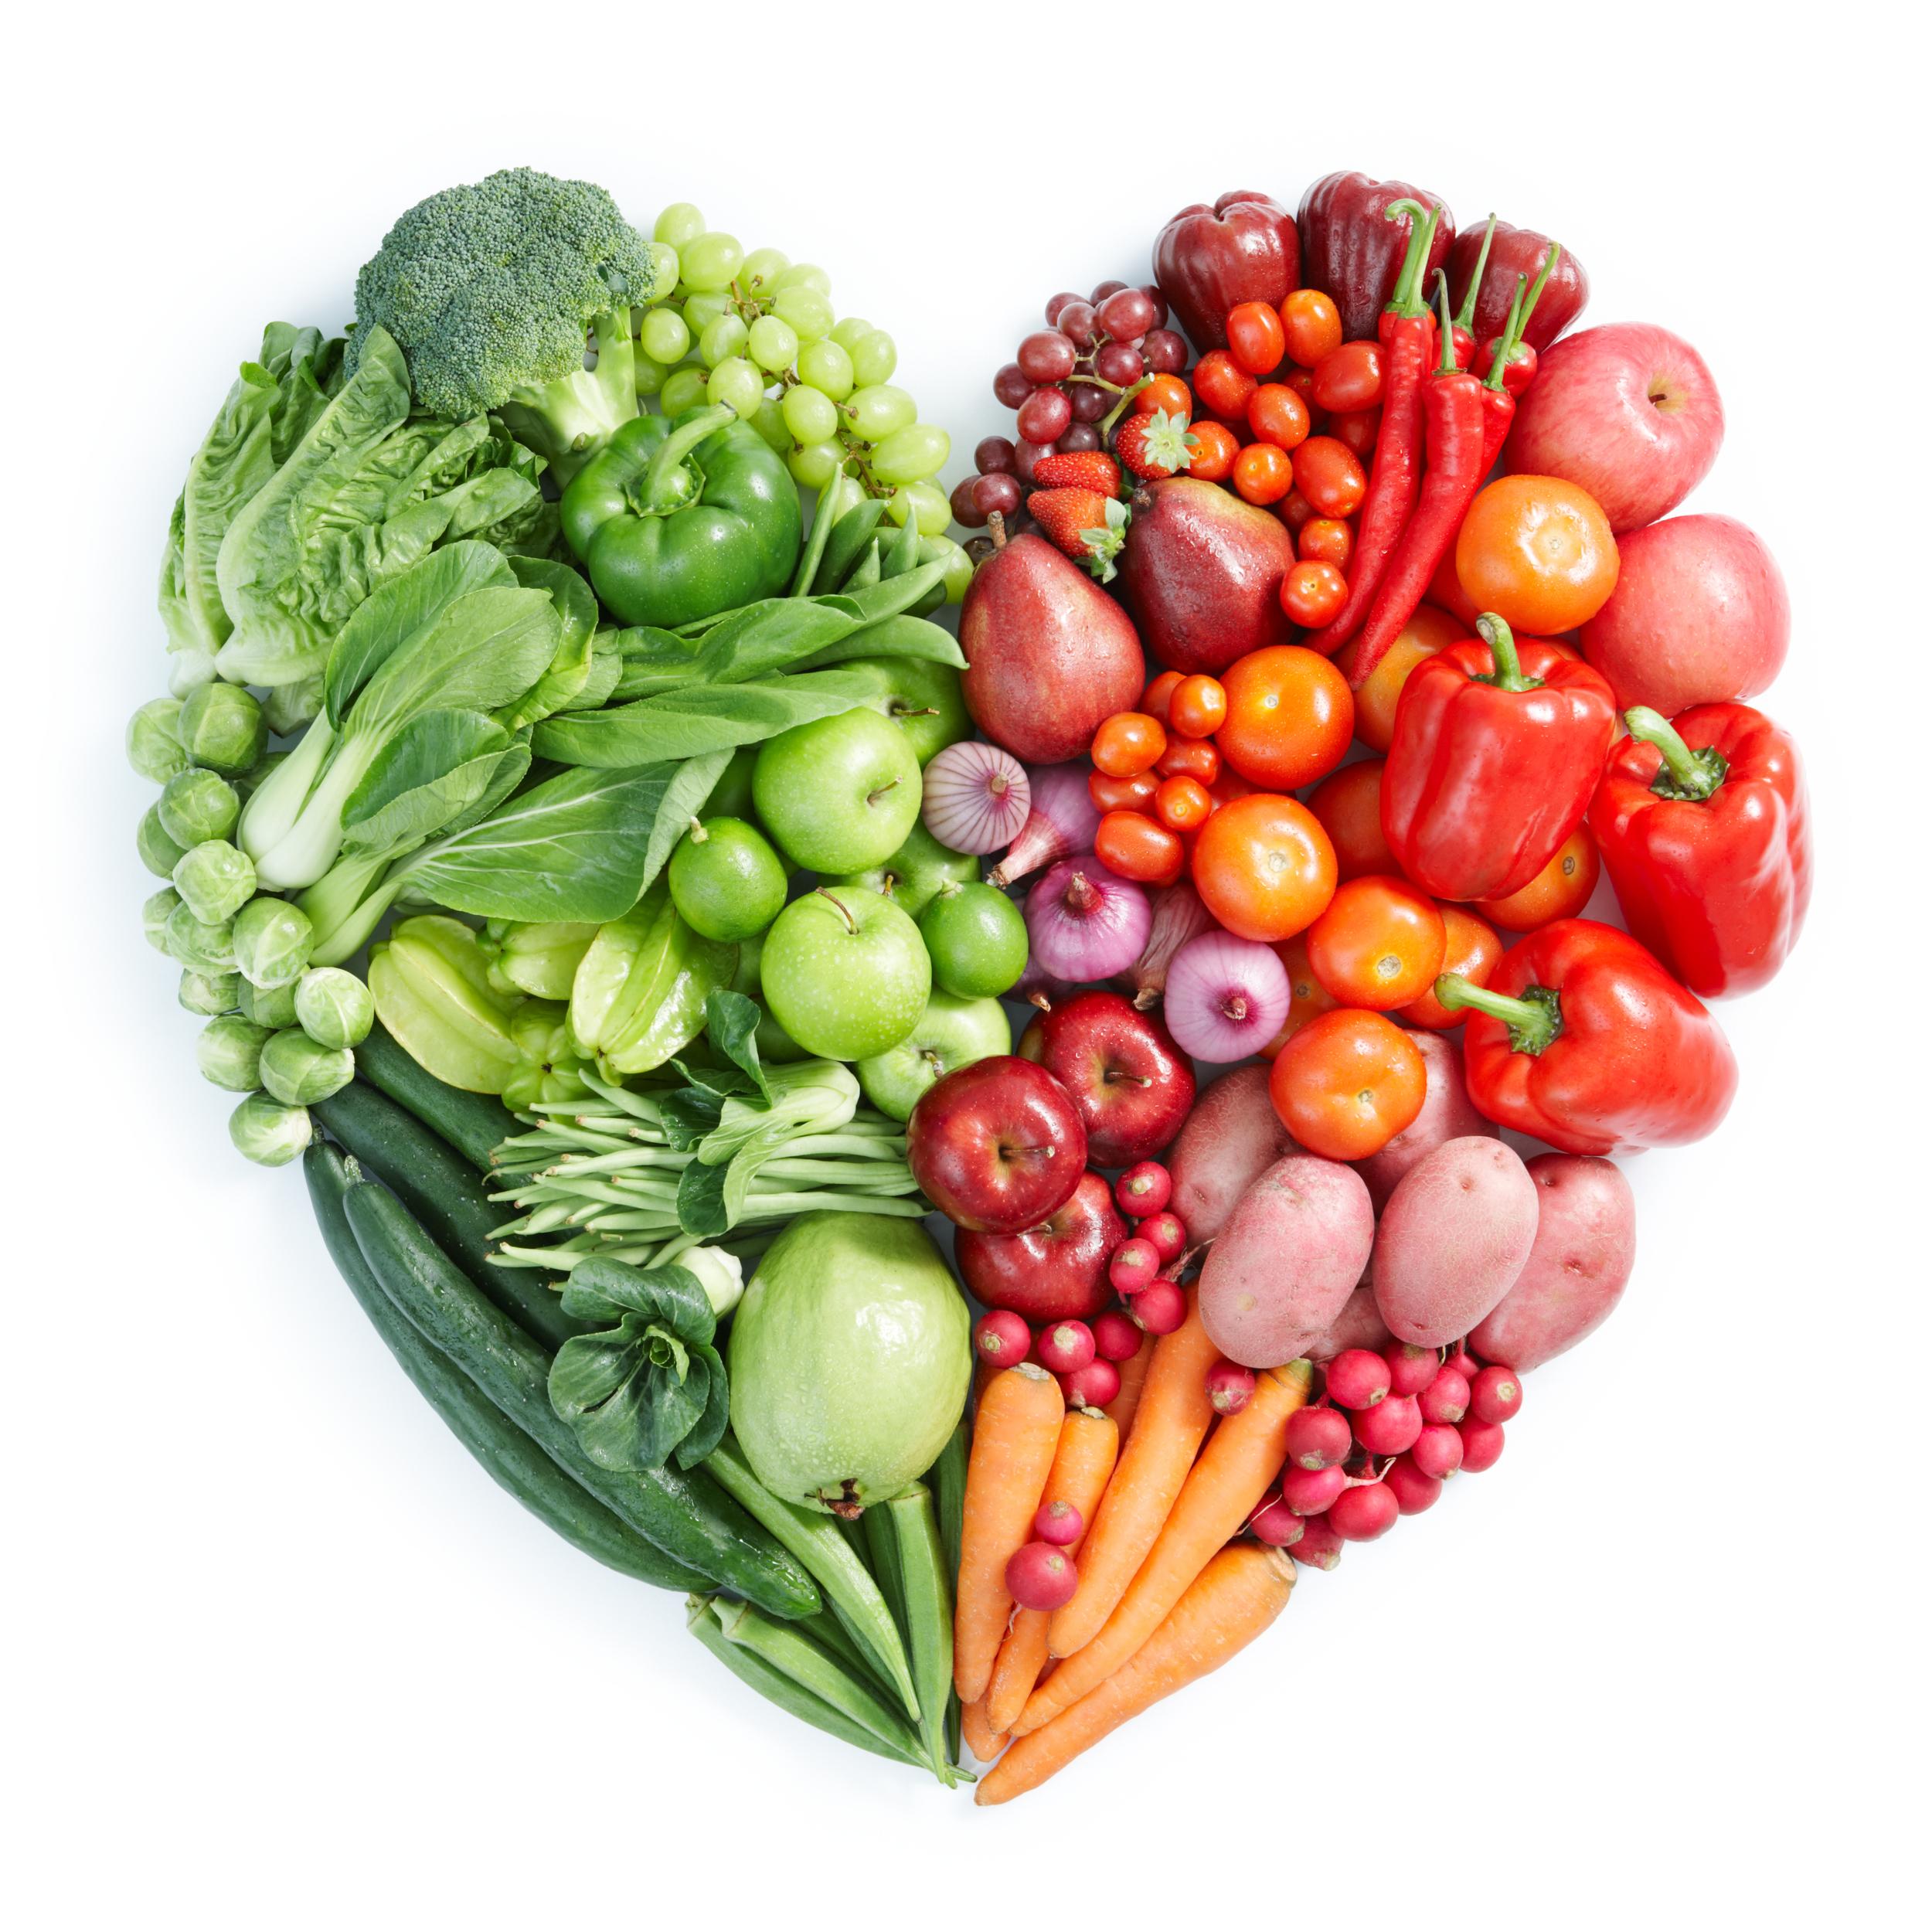 Vegetables_HeartShape.jpg